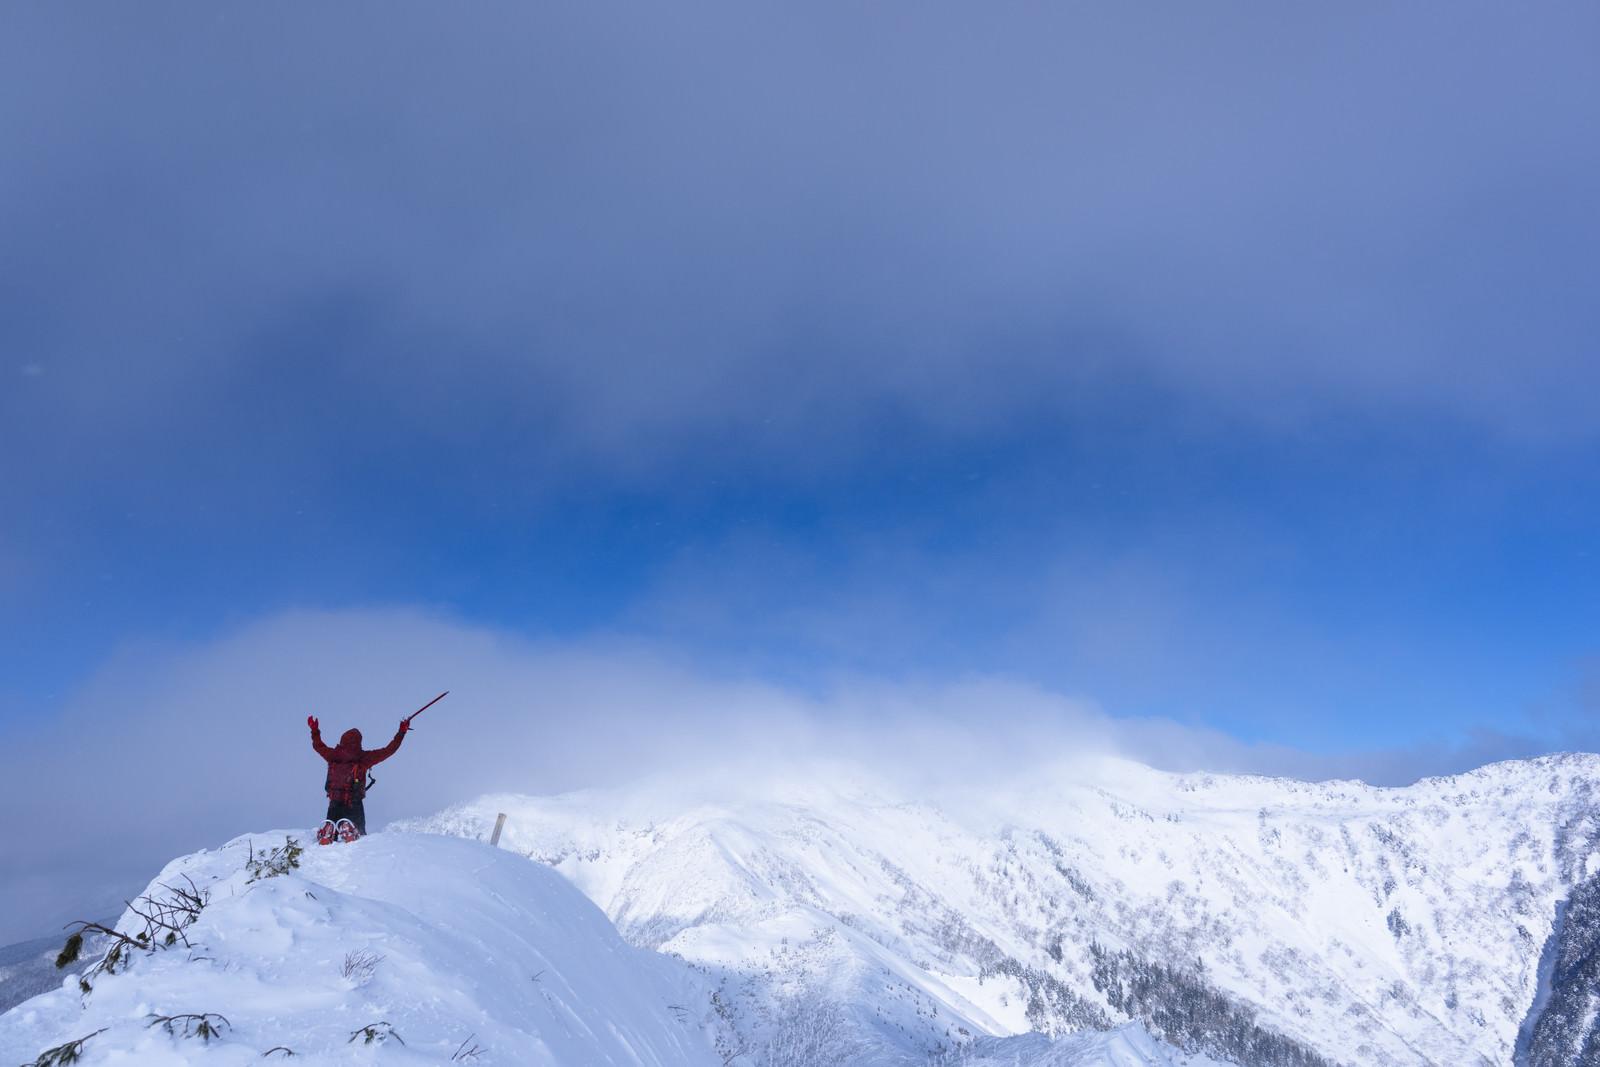 「冬の登山道に膝をつく登山者(上州武尊山)」の写真